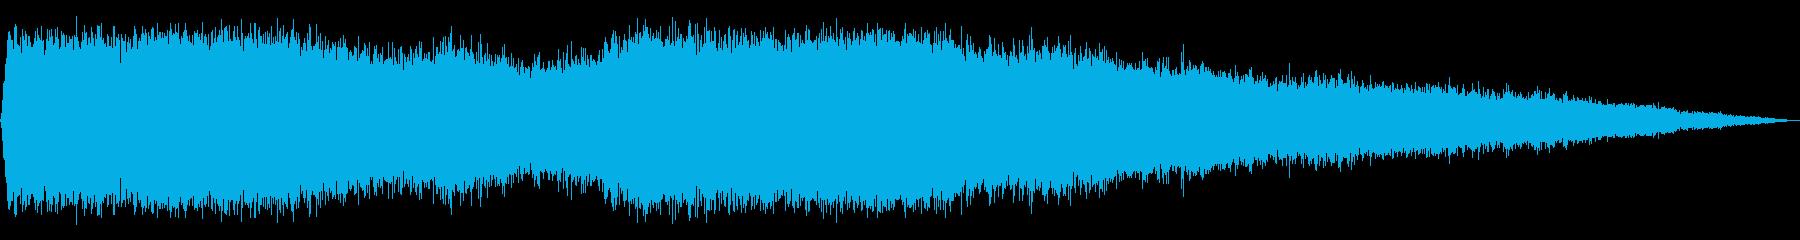 リアジェット55:EXT:TAXI...の再生済みの波形